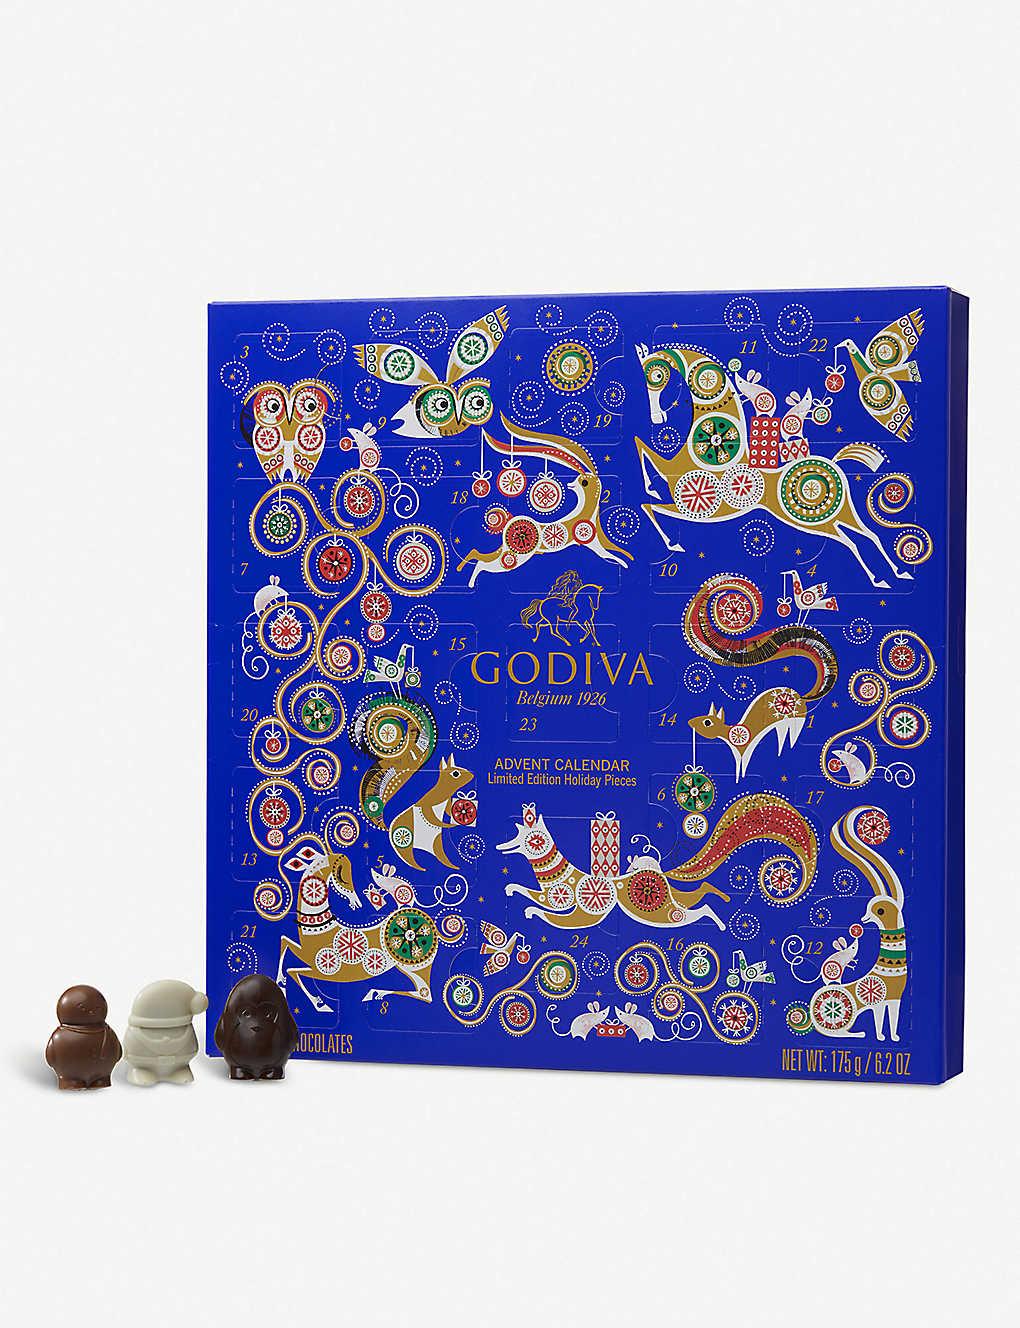 Godiva Advent Calendar.Godiva Chocolate Advent Calendar Selfridges Com